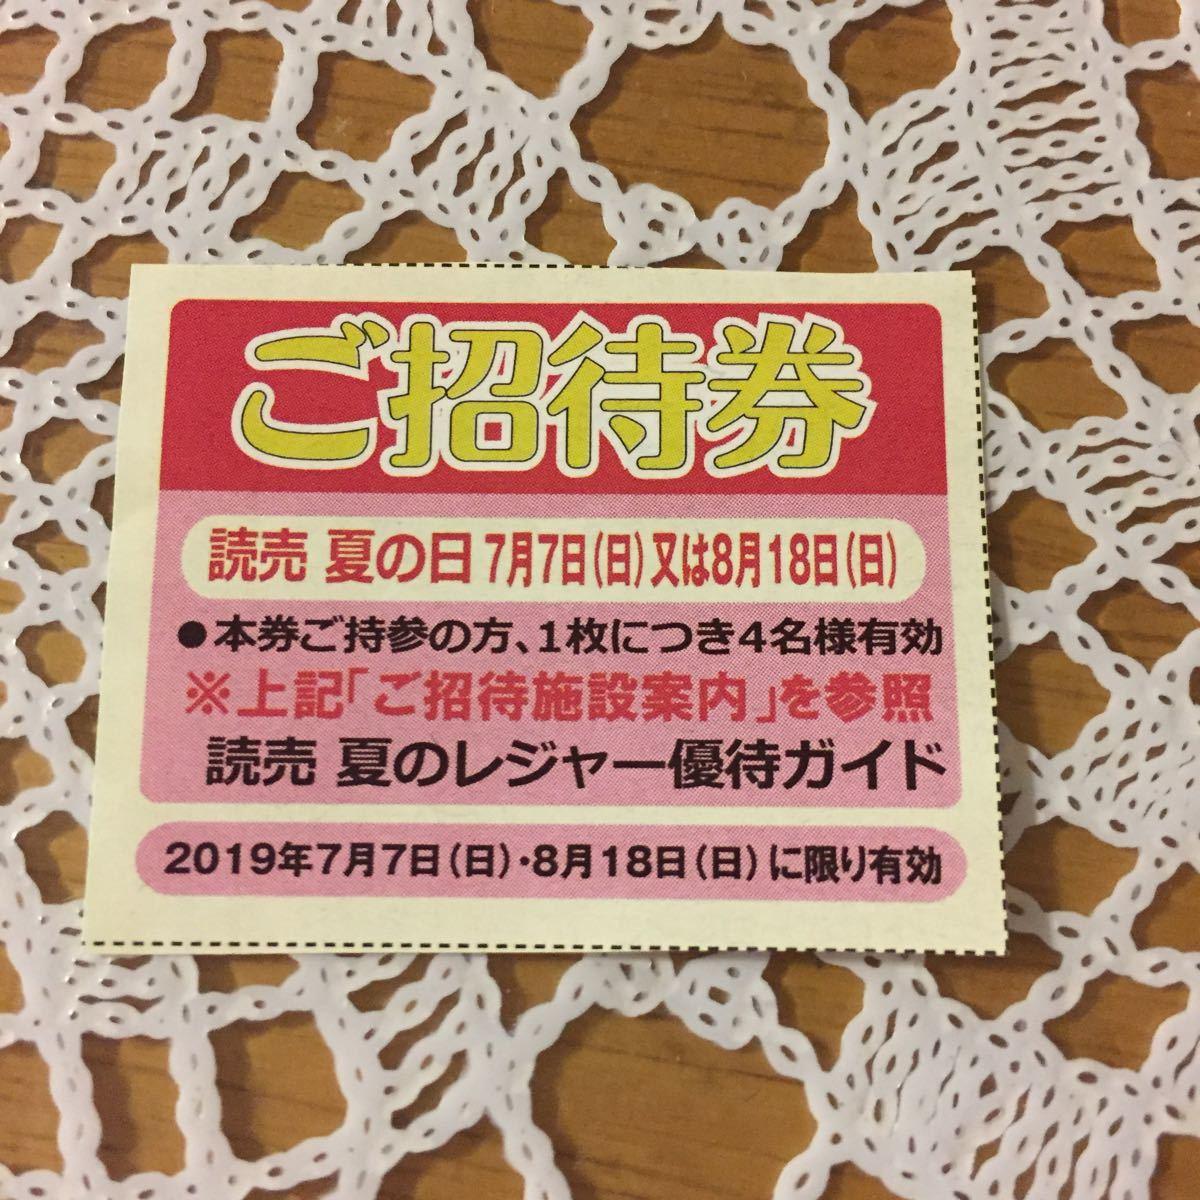 8/18限定 ご招待 4名まで 箱根水族館 相田みつを美術館 富士すばるランドなど